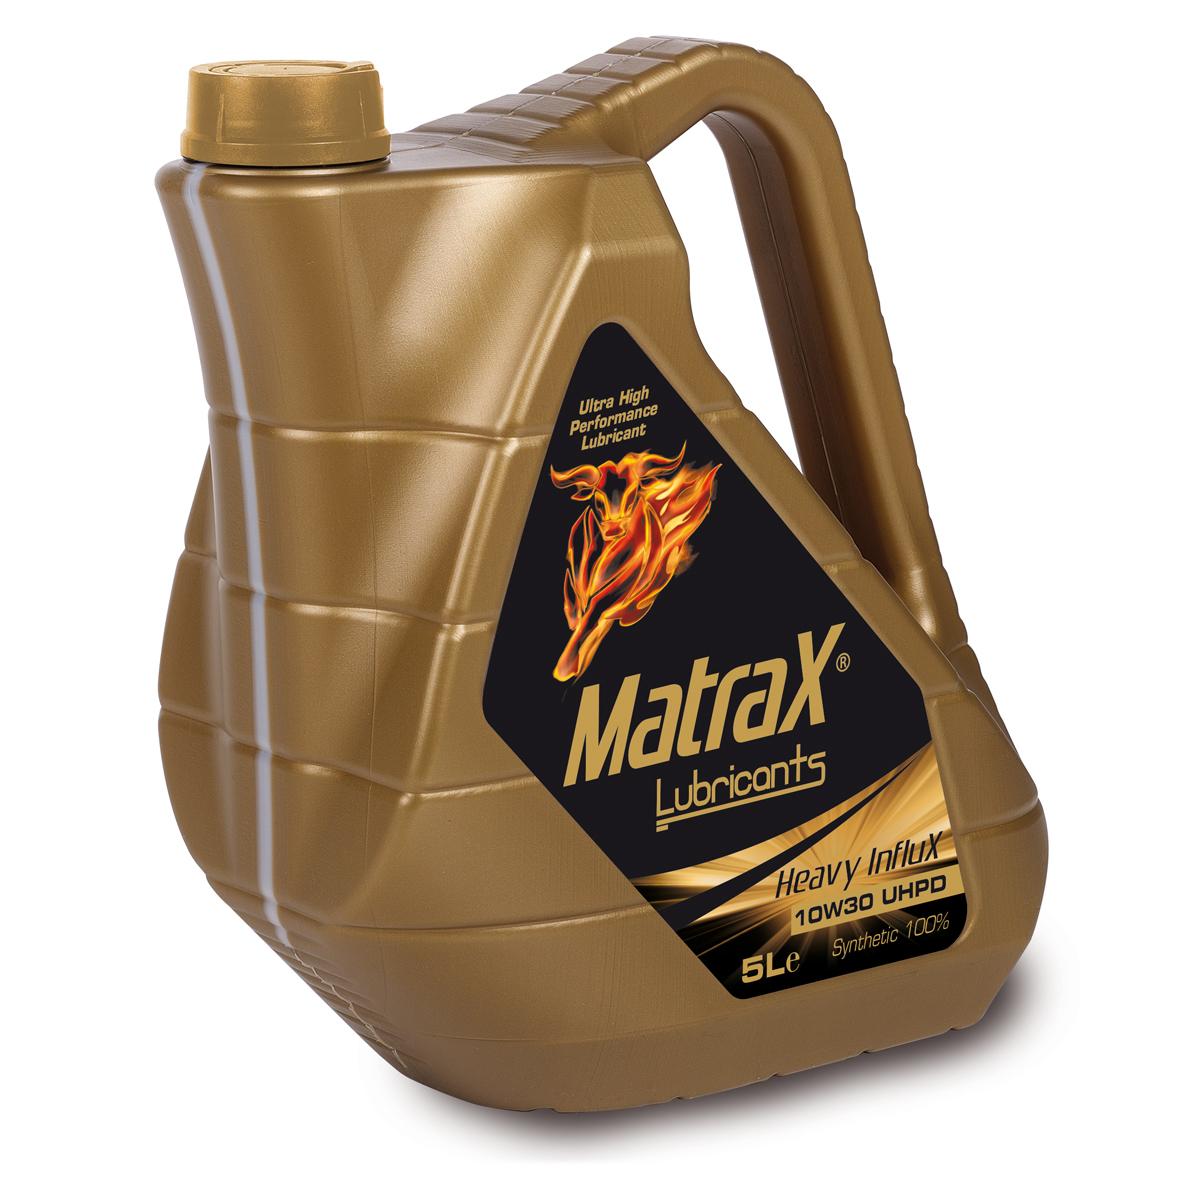 matrax-lubricants-heavy-influx-10w30-uhpd-5l